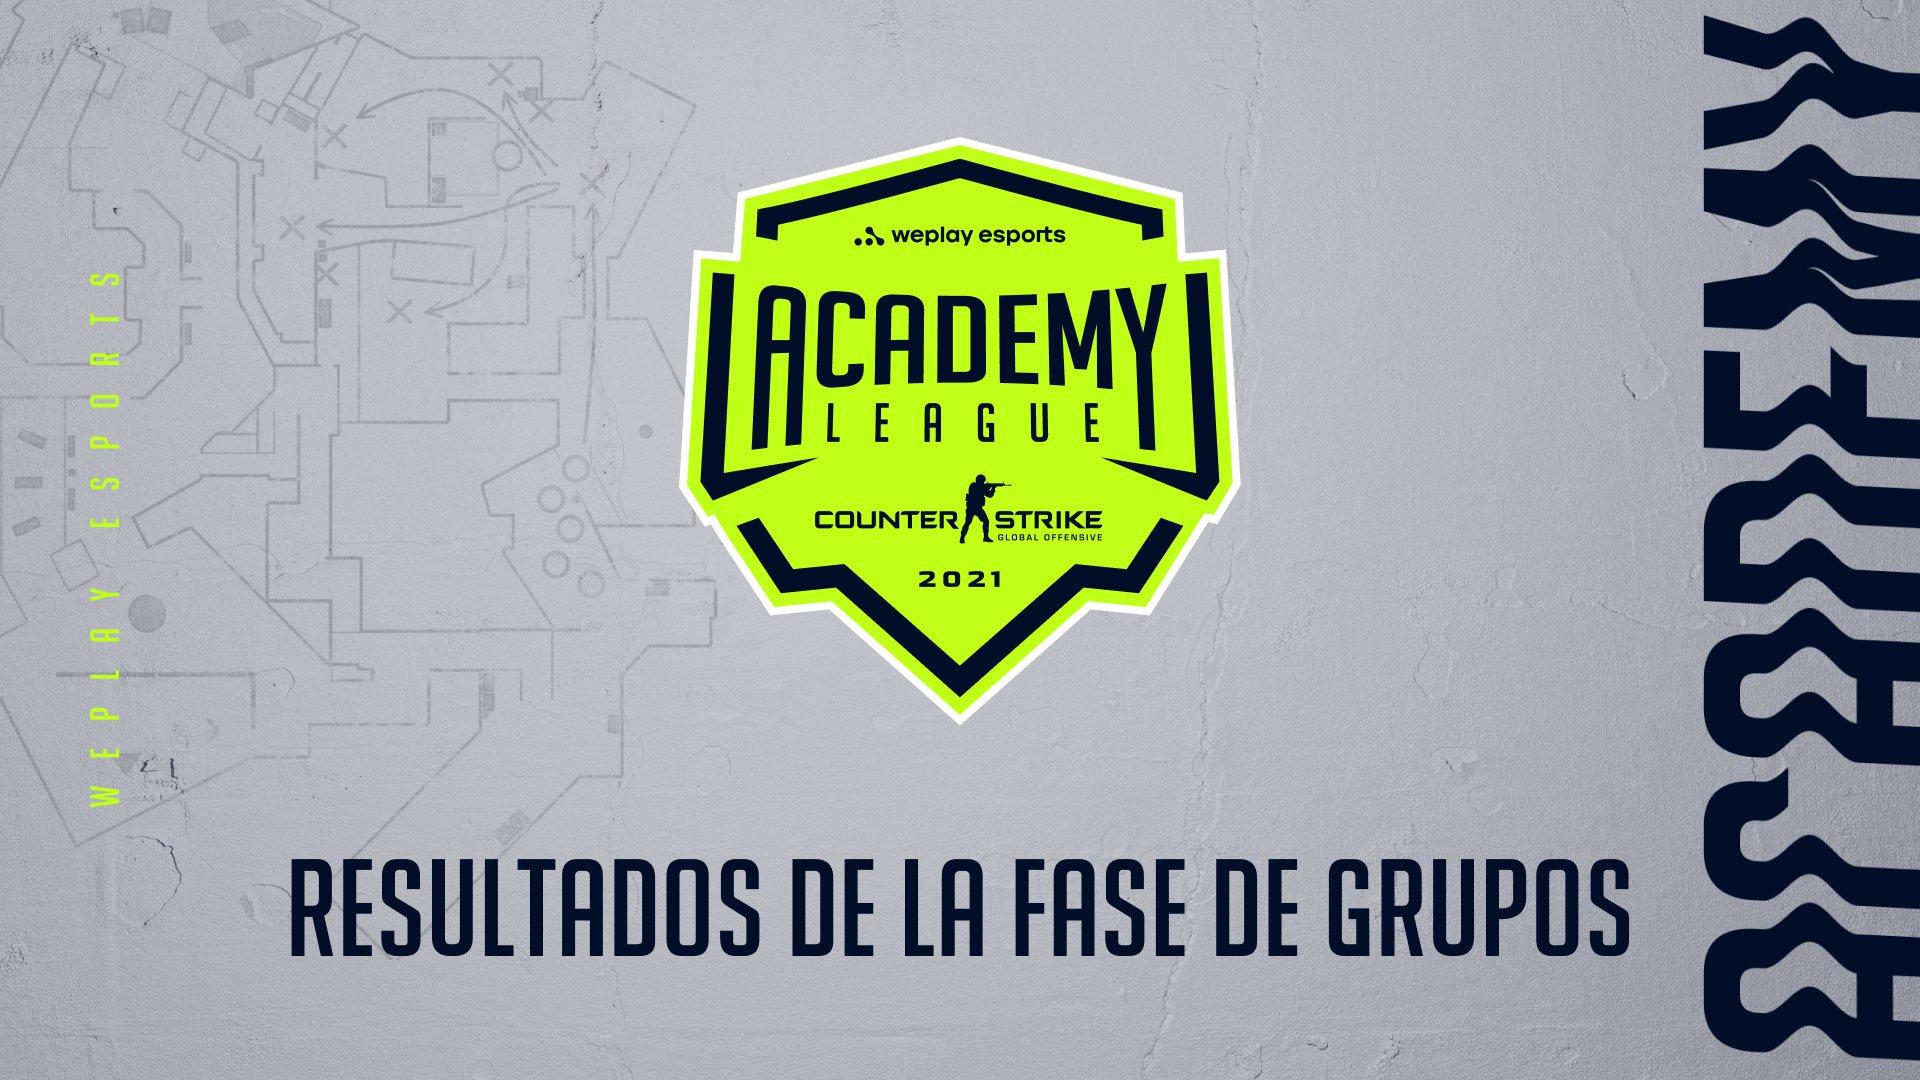 Resultados de la Fase de grupos de la Temporada 2 de WePlay Academy League. Imagen: WePlay Holding